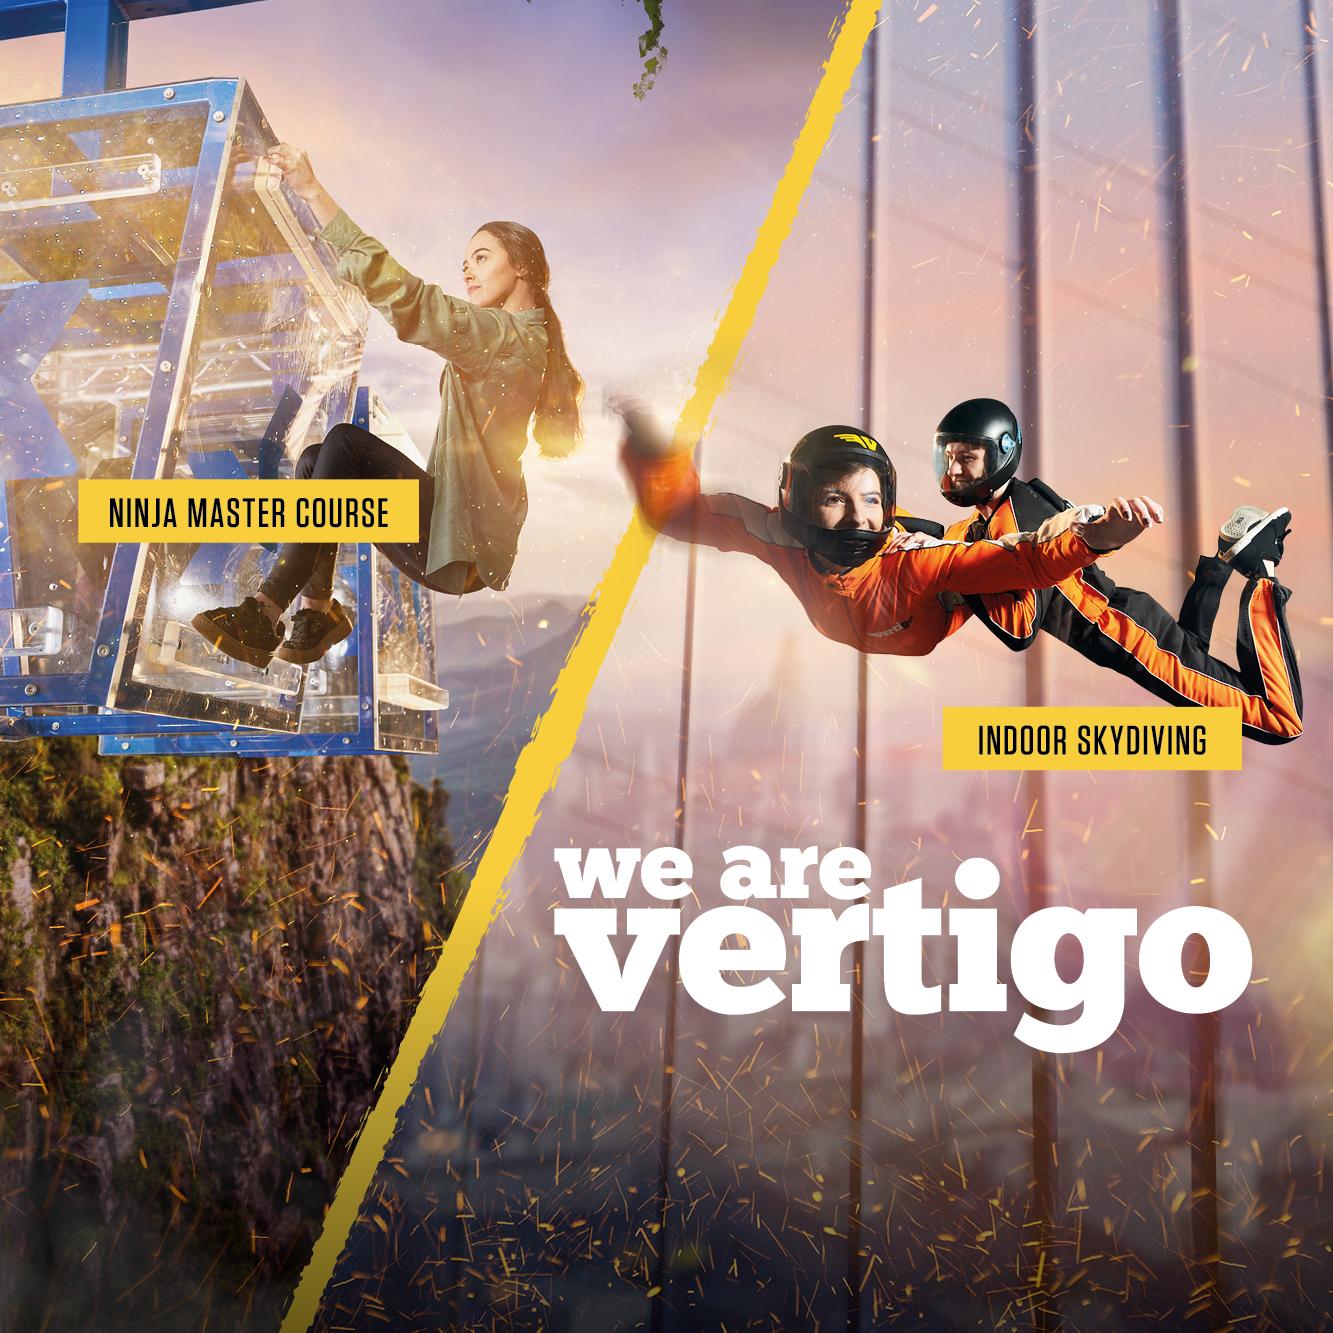 We Are Vertigo Campaign